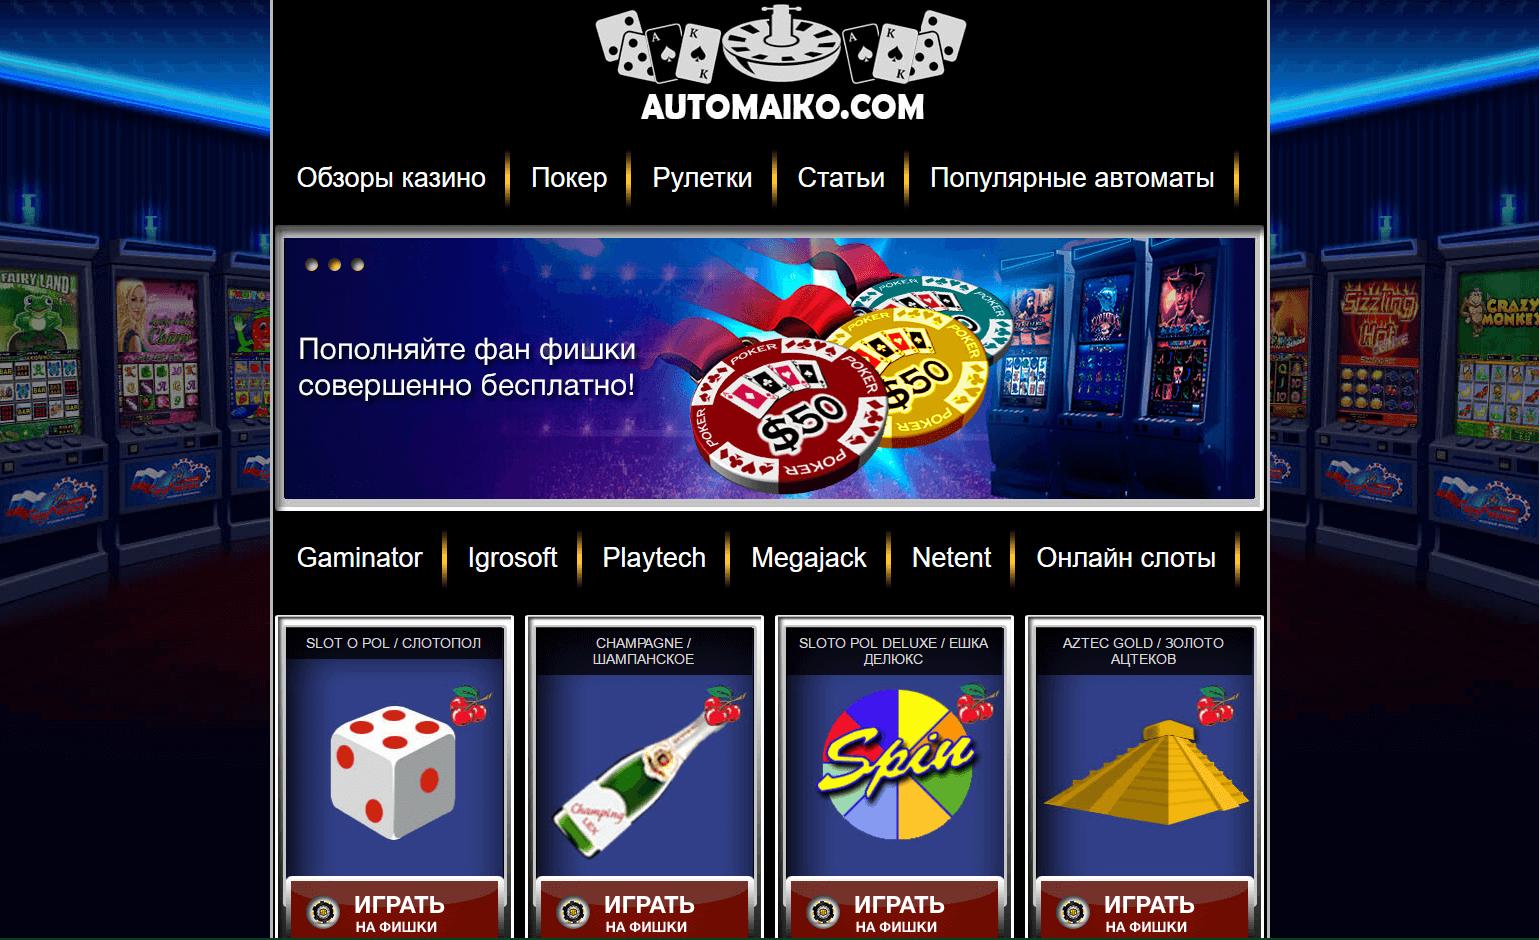 Игровые автоматы playtech играть бесплатно донецк игровые автоматы светлана